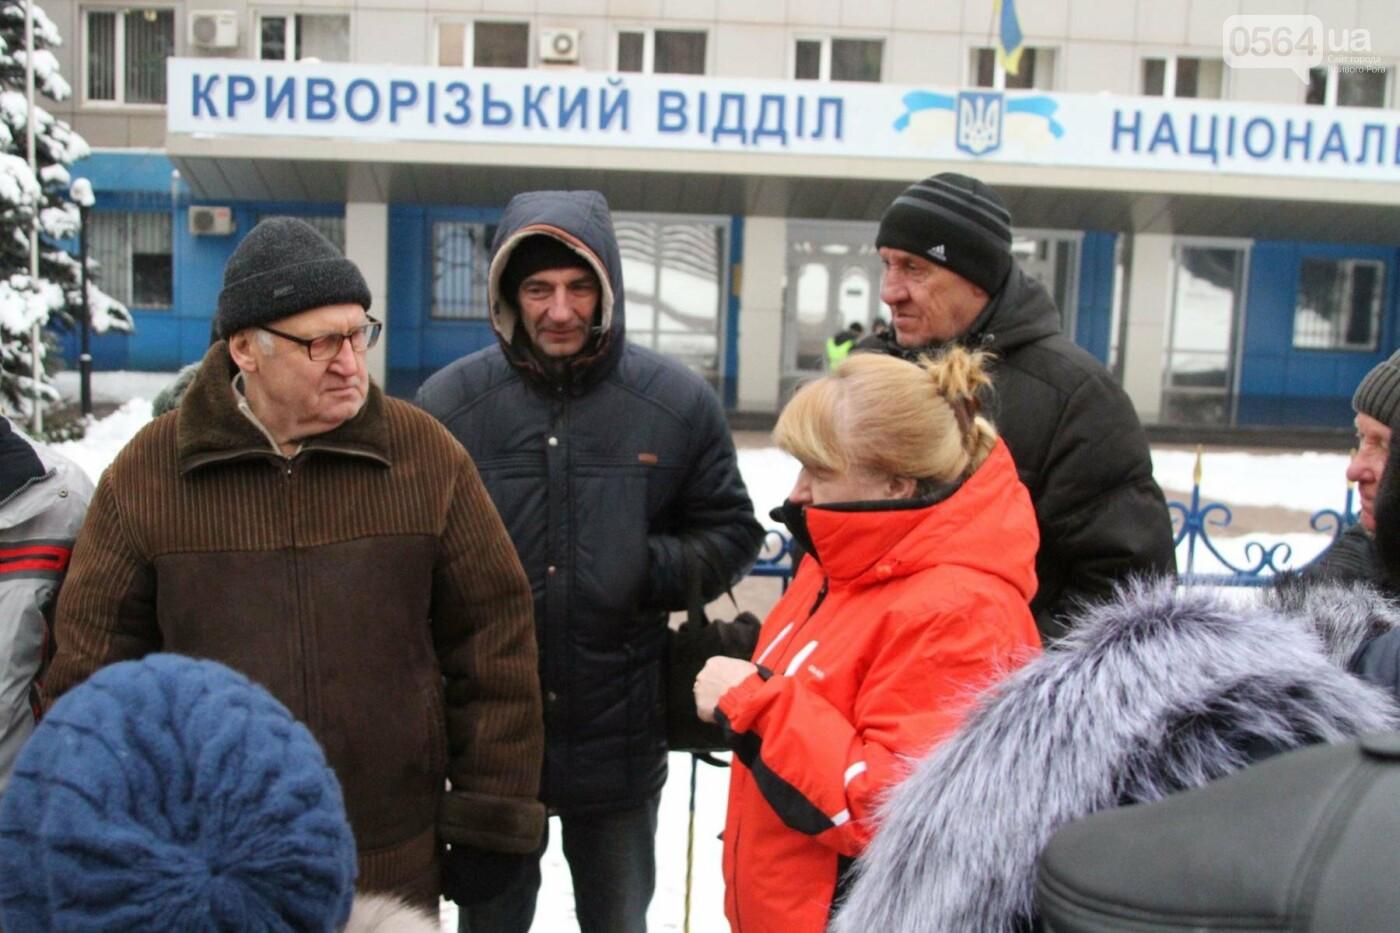 Сотрудники КривбассПВС митинговали под УВД, защищая Константина Борща (ФОТО), фото-11